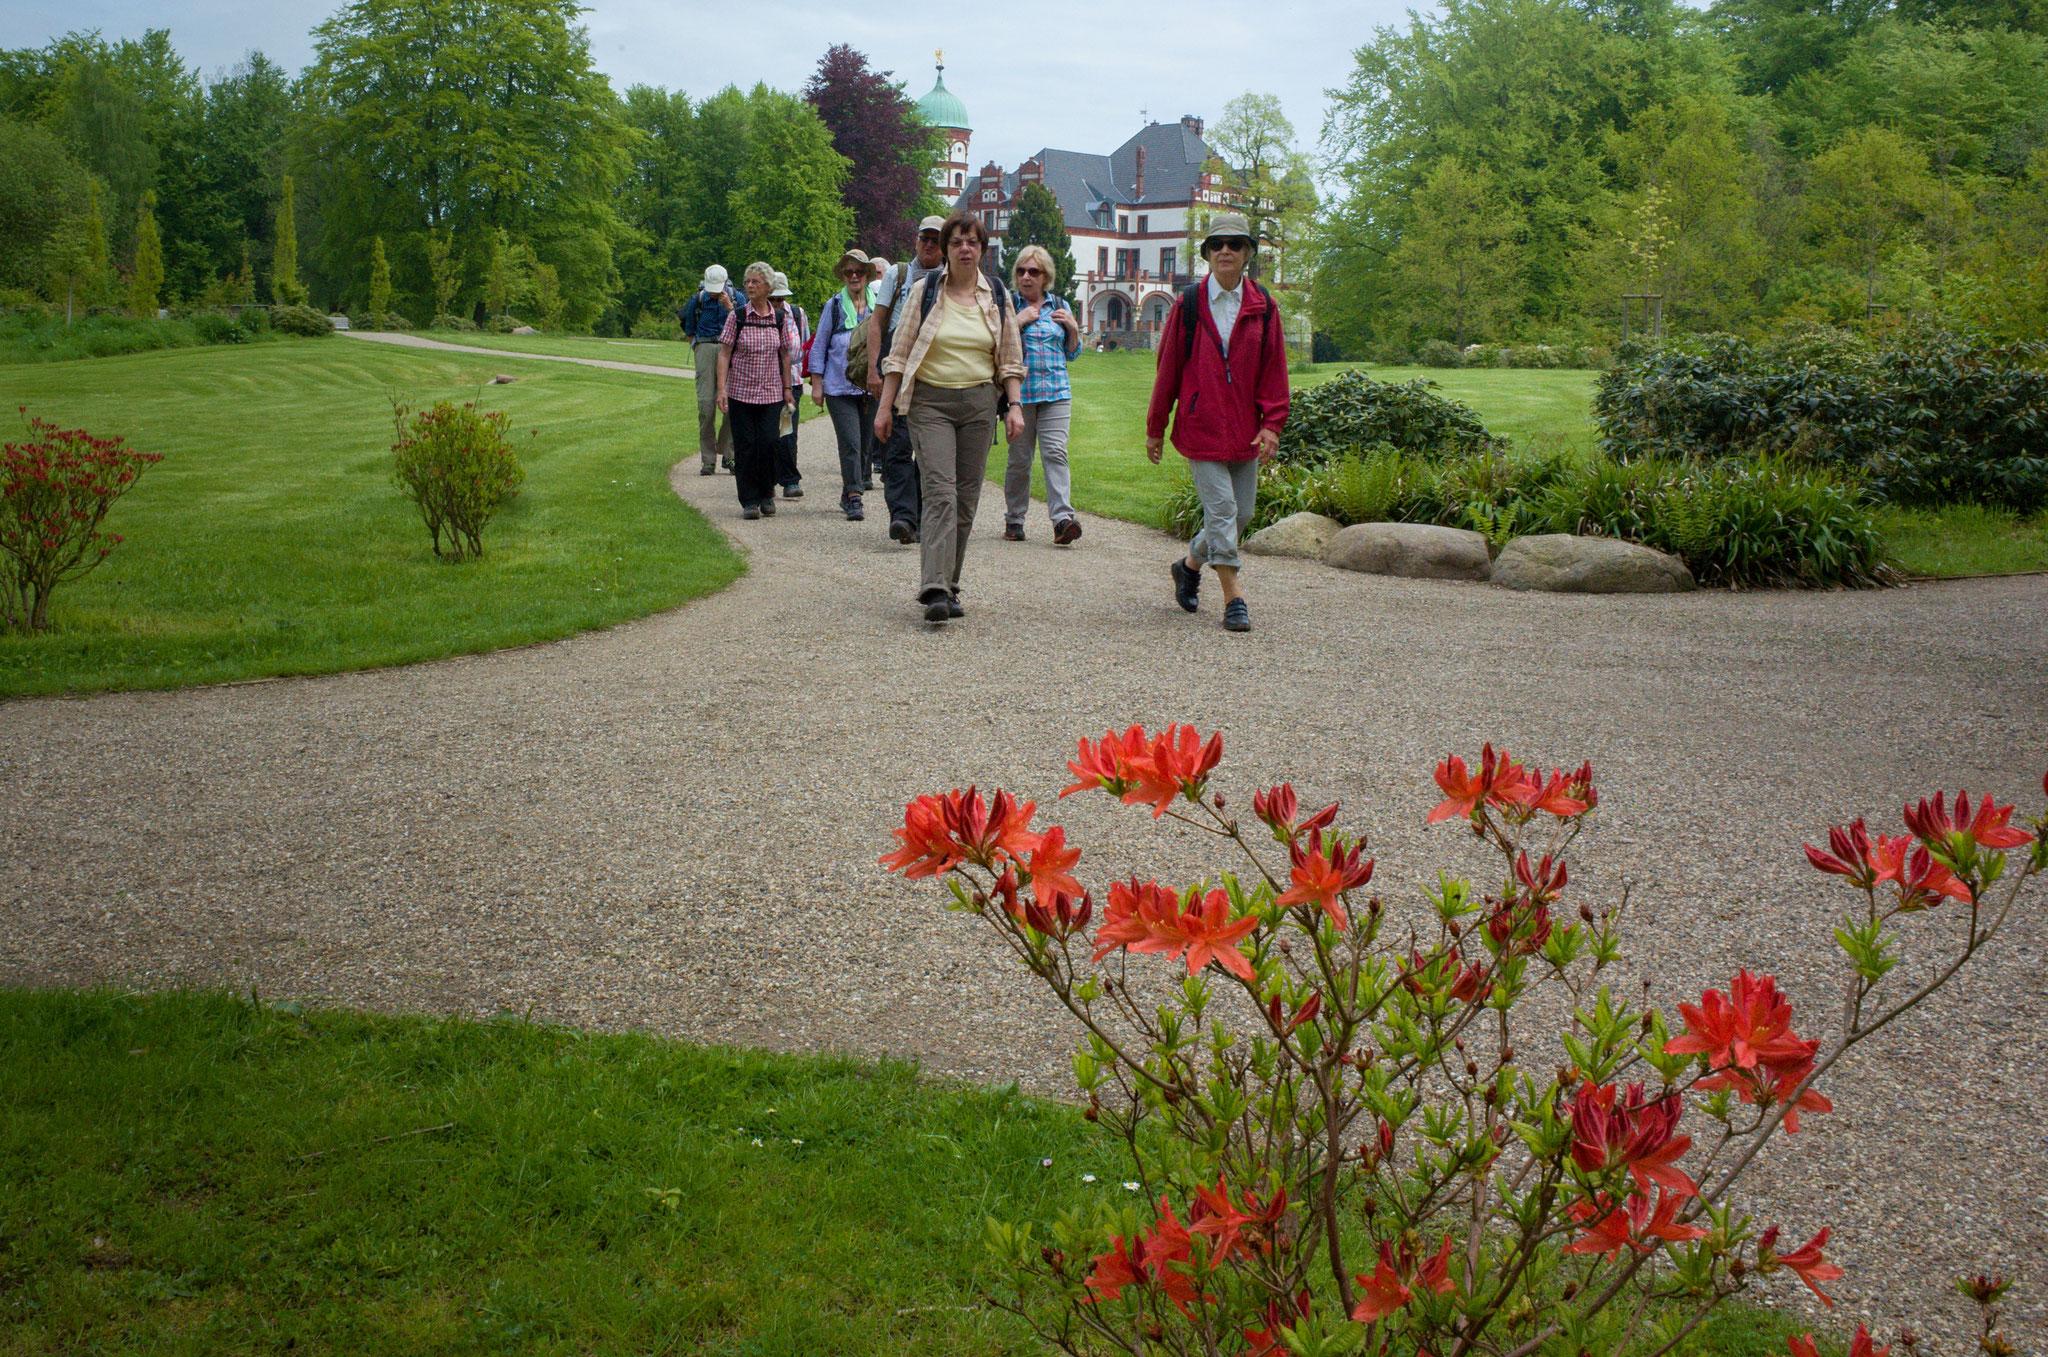 Entspannter Teil der Wanderung durch den Schlosspark Wiligrad am 17.05.2017